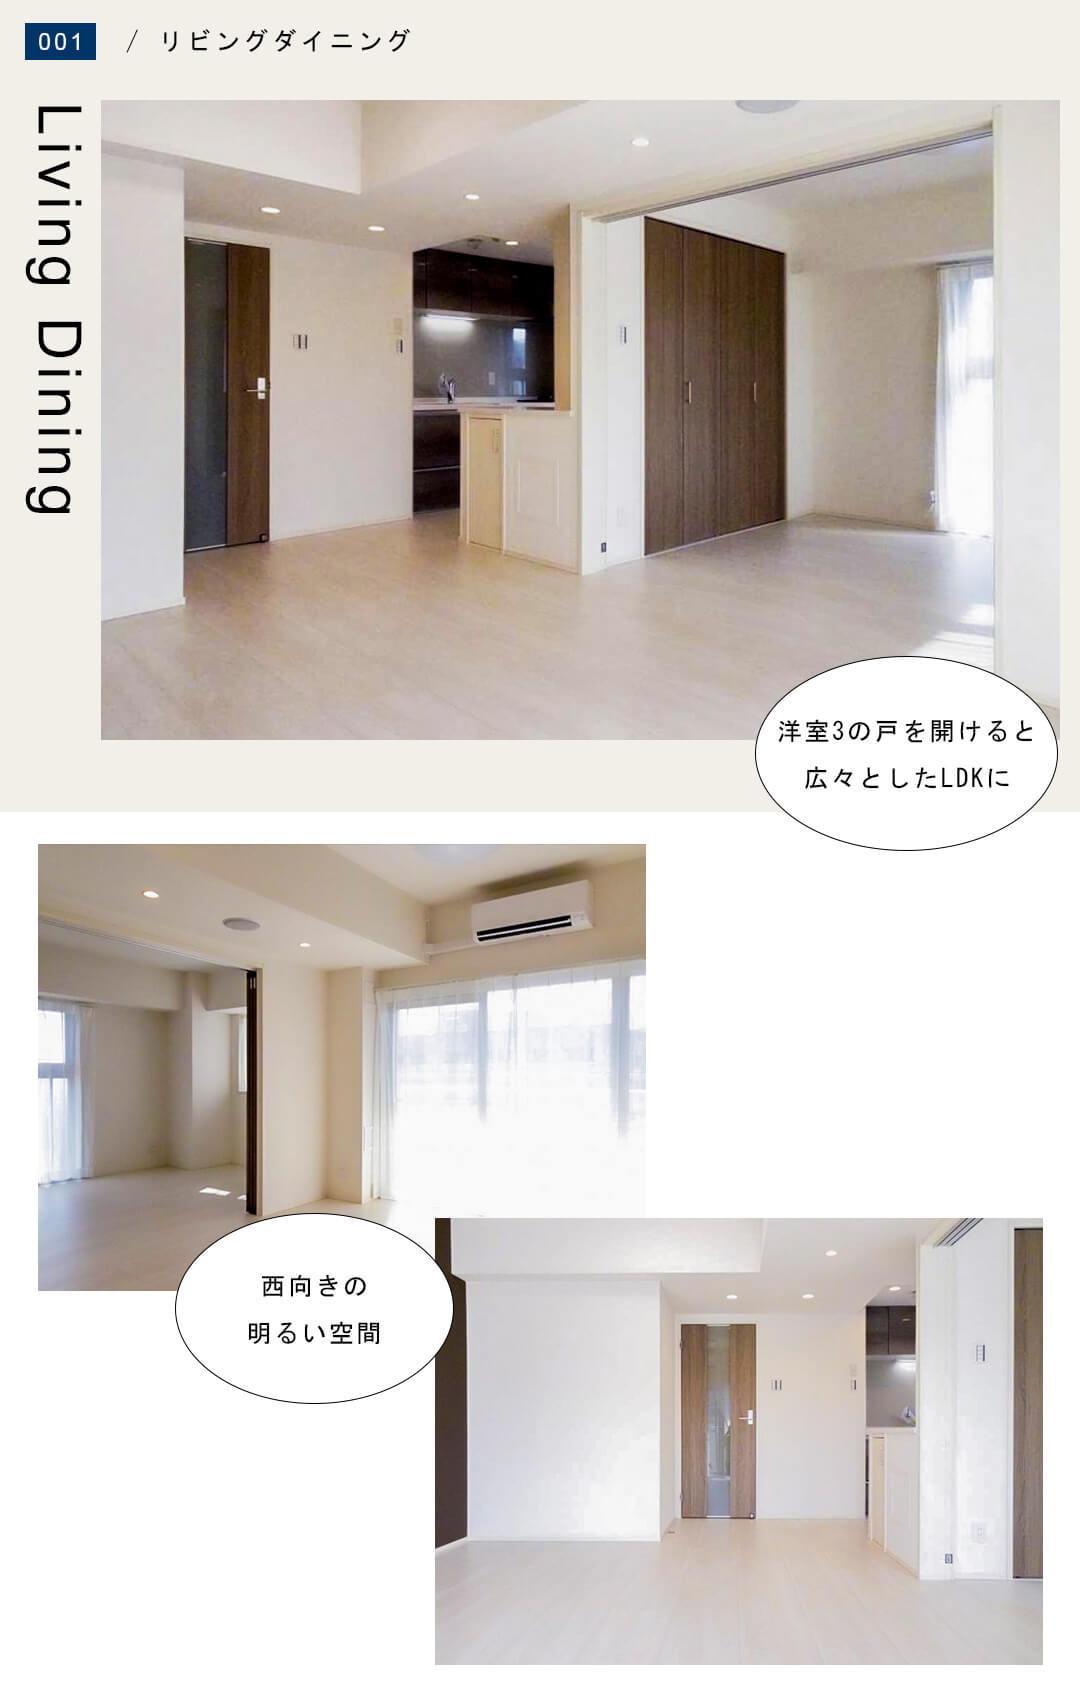 ルリエ横浜宮川町のリビングダイニングキッチン